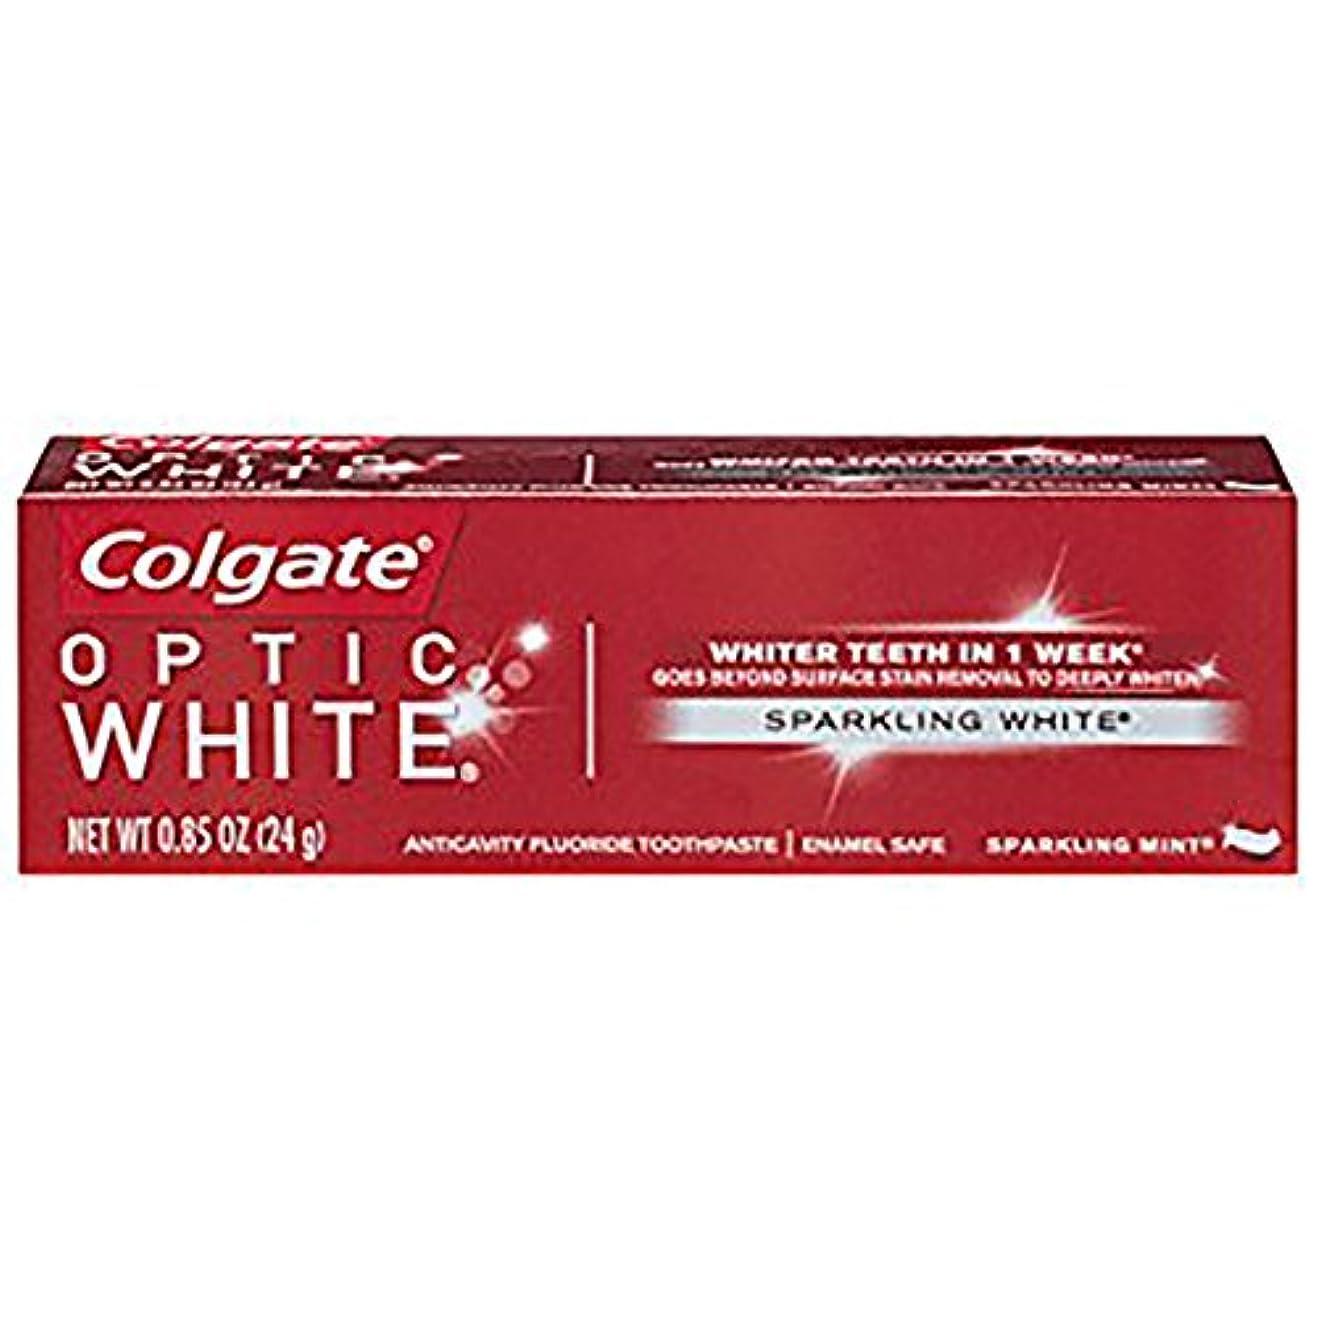 幻滅する嫌い小学生コルゲート ホワイトニング Colgate 24g Optic White Sparkling White 白い歯 歯磨き粉 ミント